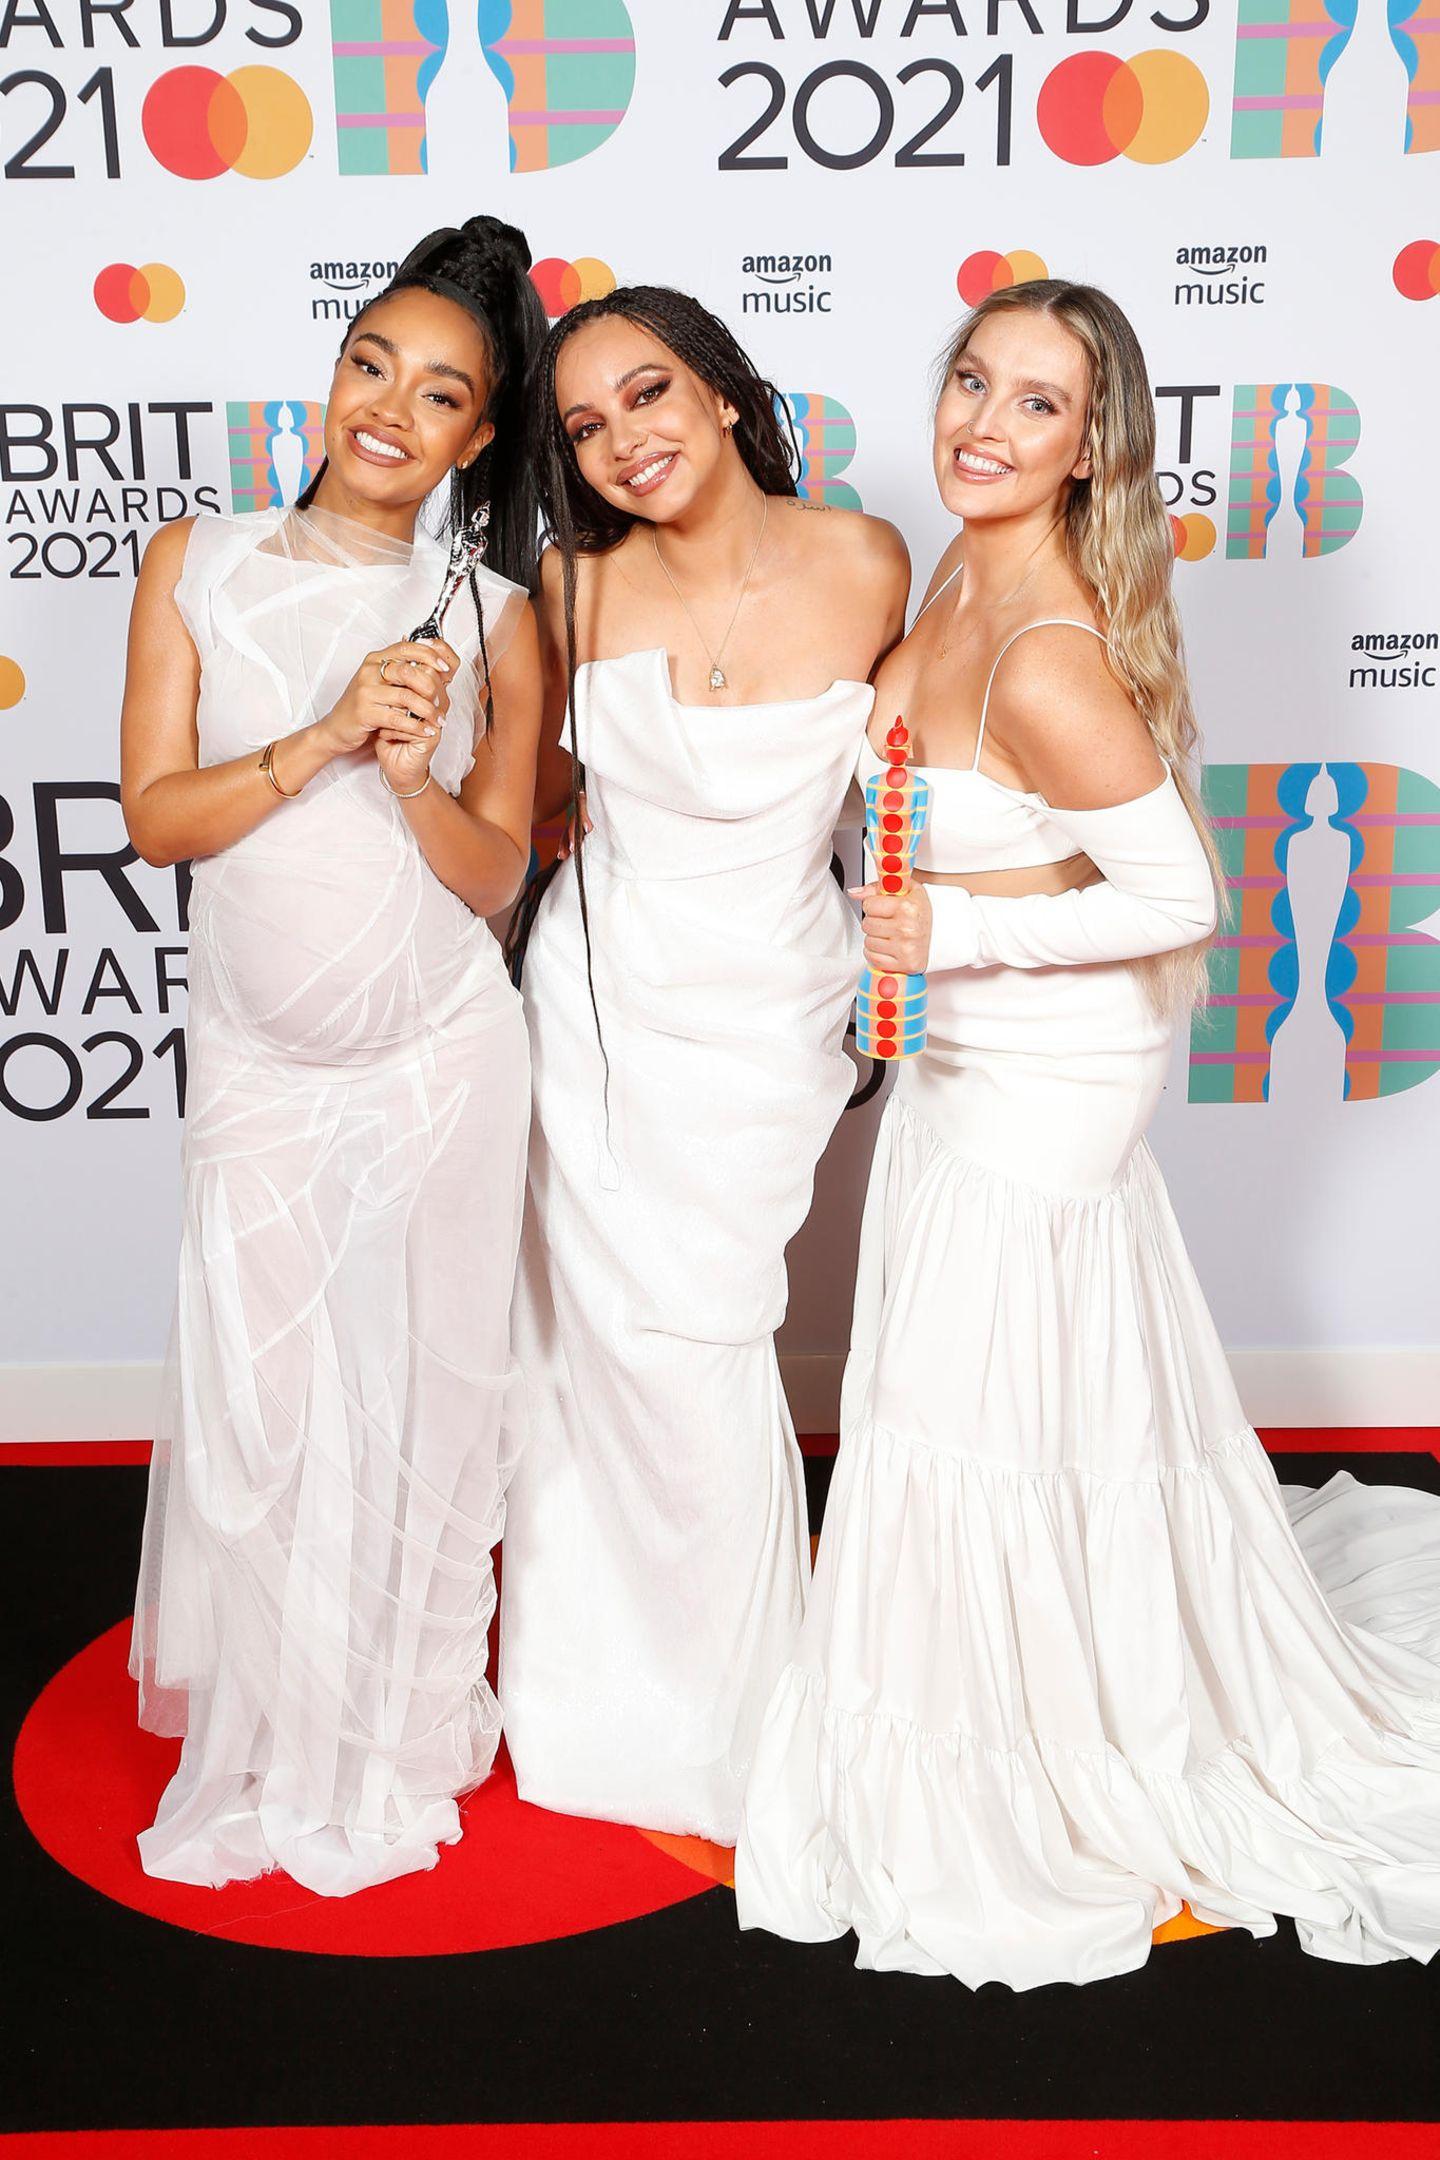 """Die Girl-Band """"Little Mix"""", bestehend ausLeigh-Anne Pinnock, Jade Thirlwall undPerrie Edwards kommen nicht nur im weißen Unschulds-Look daher, zwei der Sängerinnen geben bei den """"BRIT Awards"""" auch ihr Babybauch-Debüt""""."""